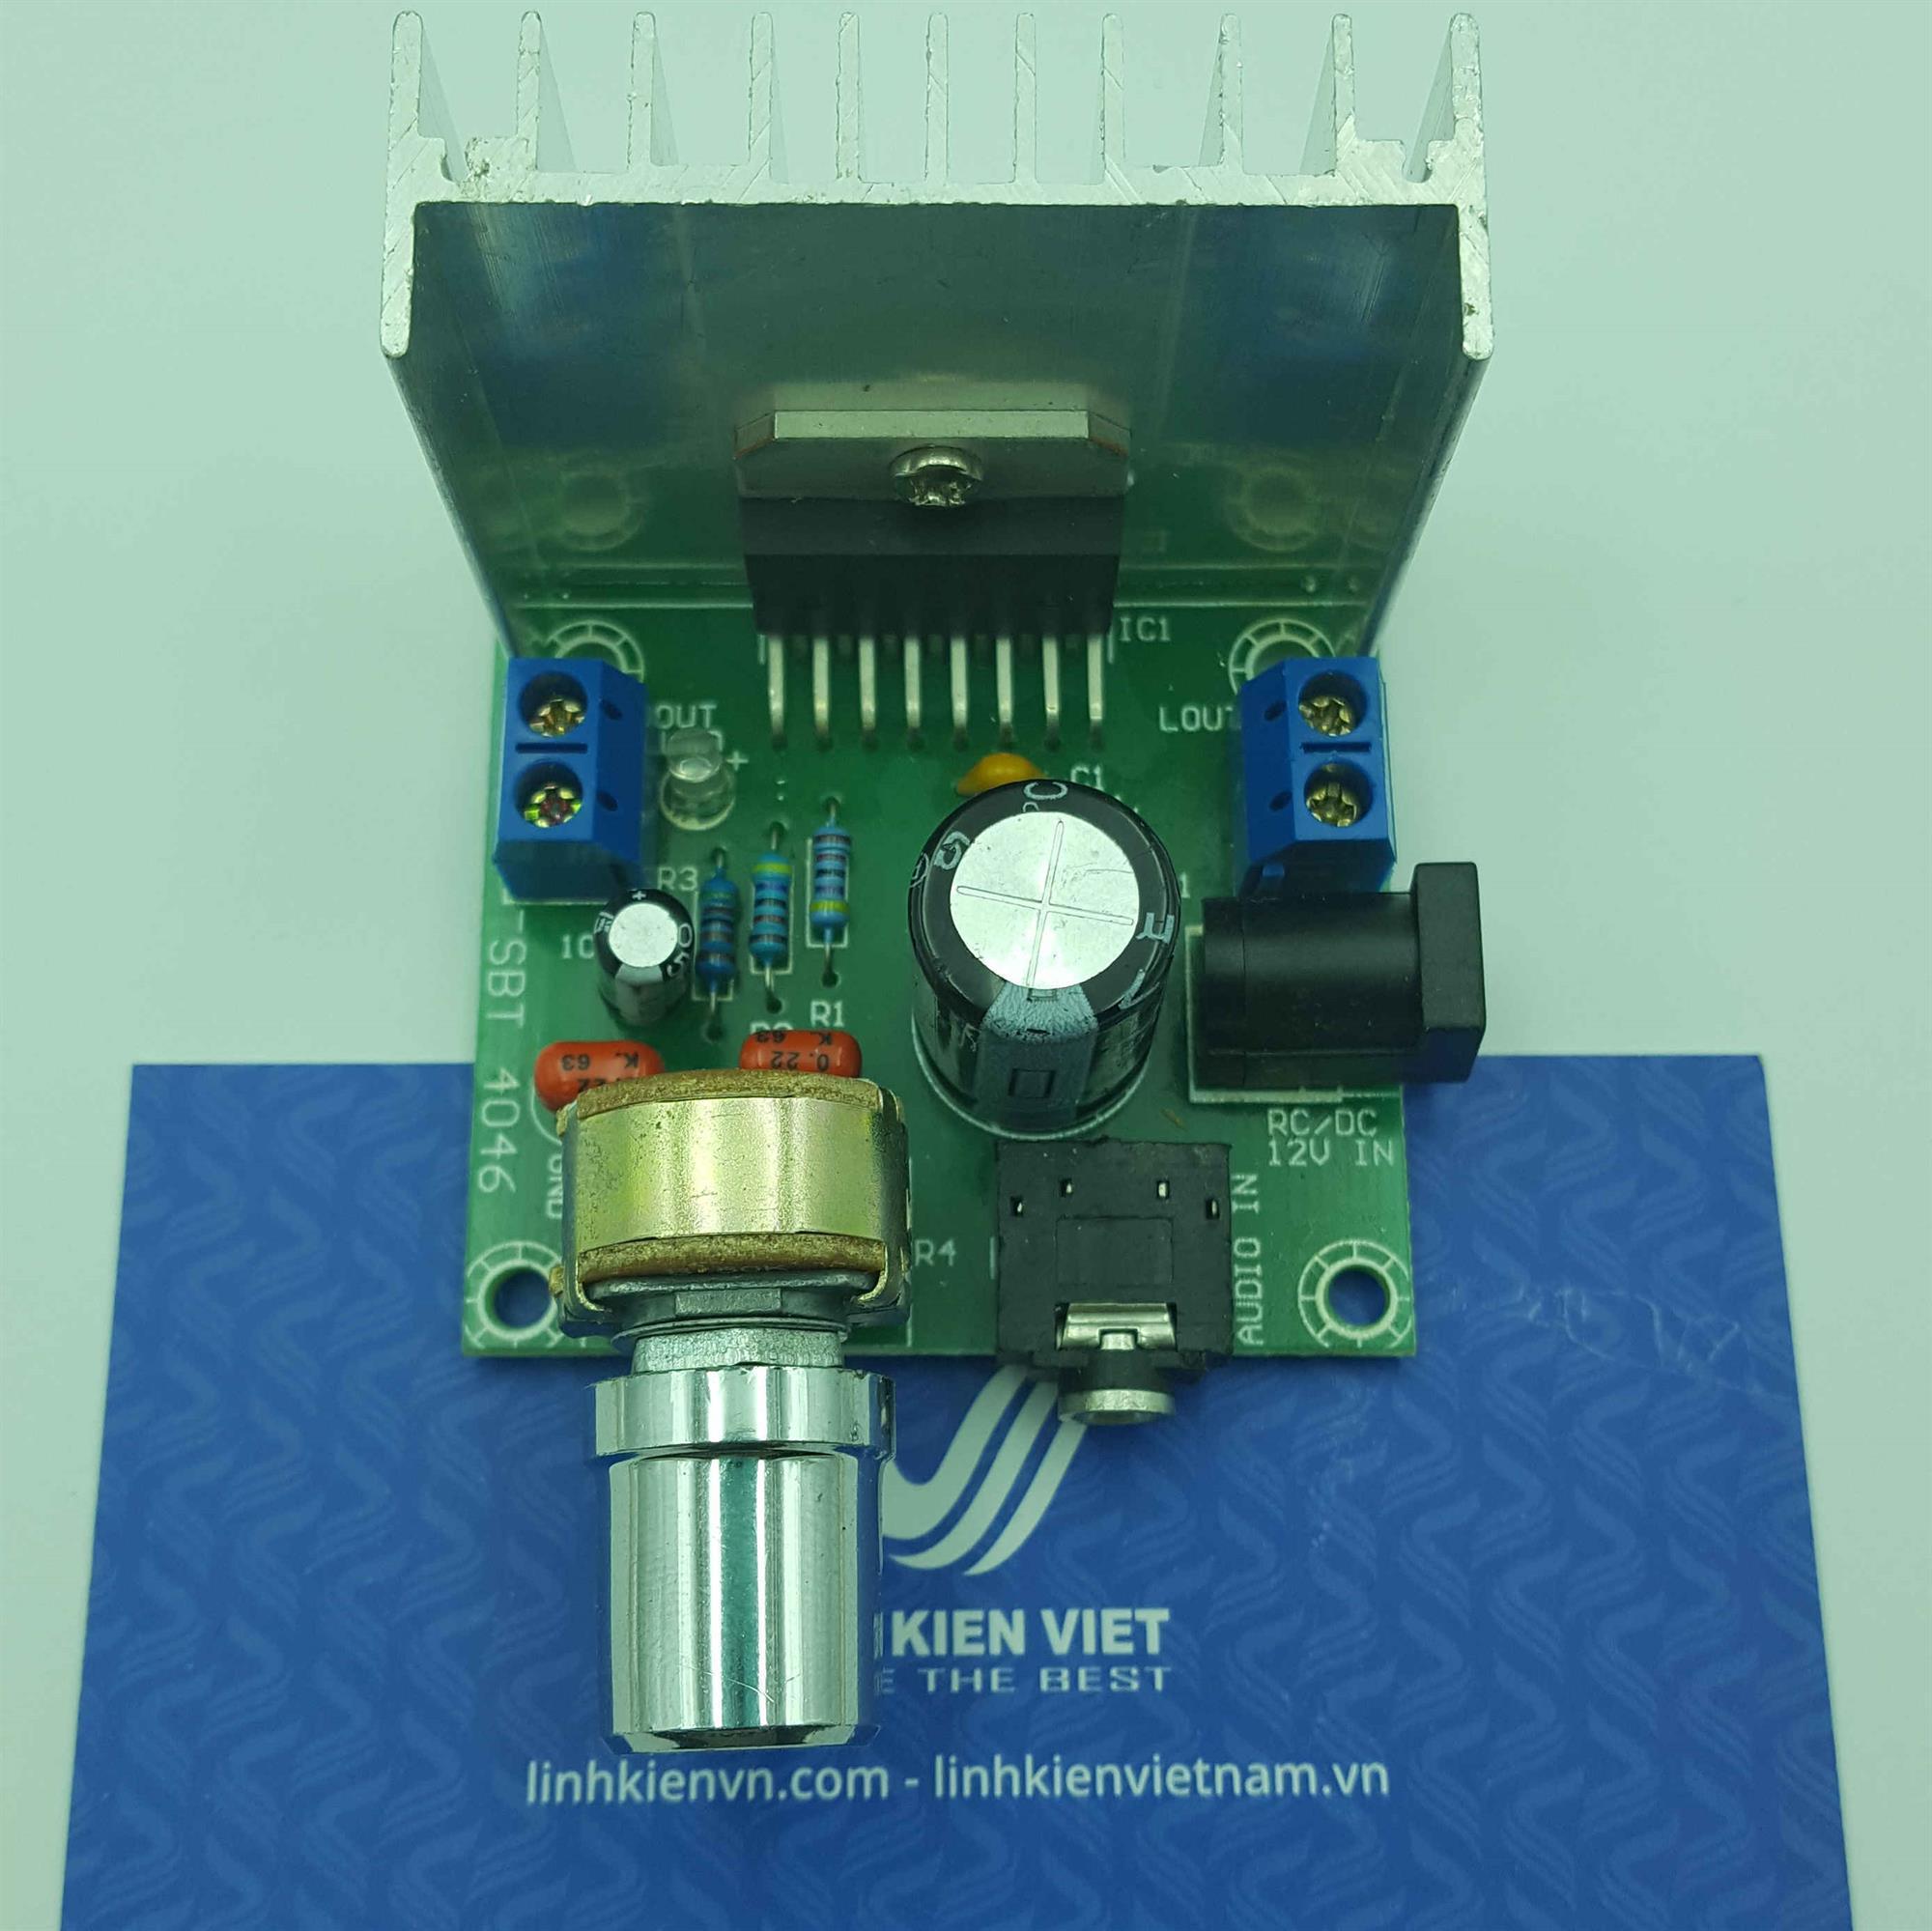 Mạch khuếch đại TDA7297 12V 15W x 2 / Module Audio TDA7297 15W+15W 12VDC - J1H11